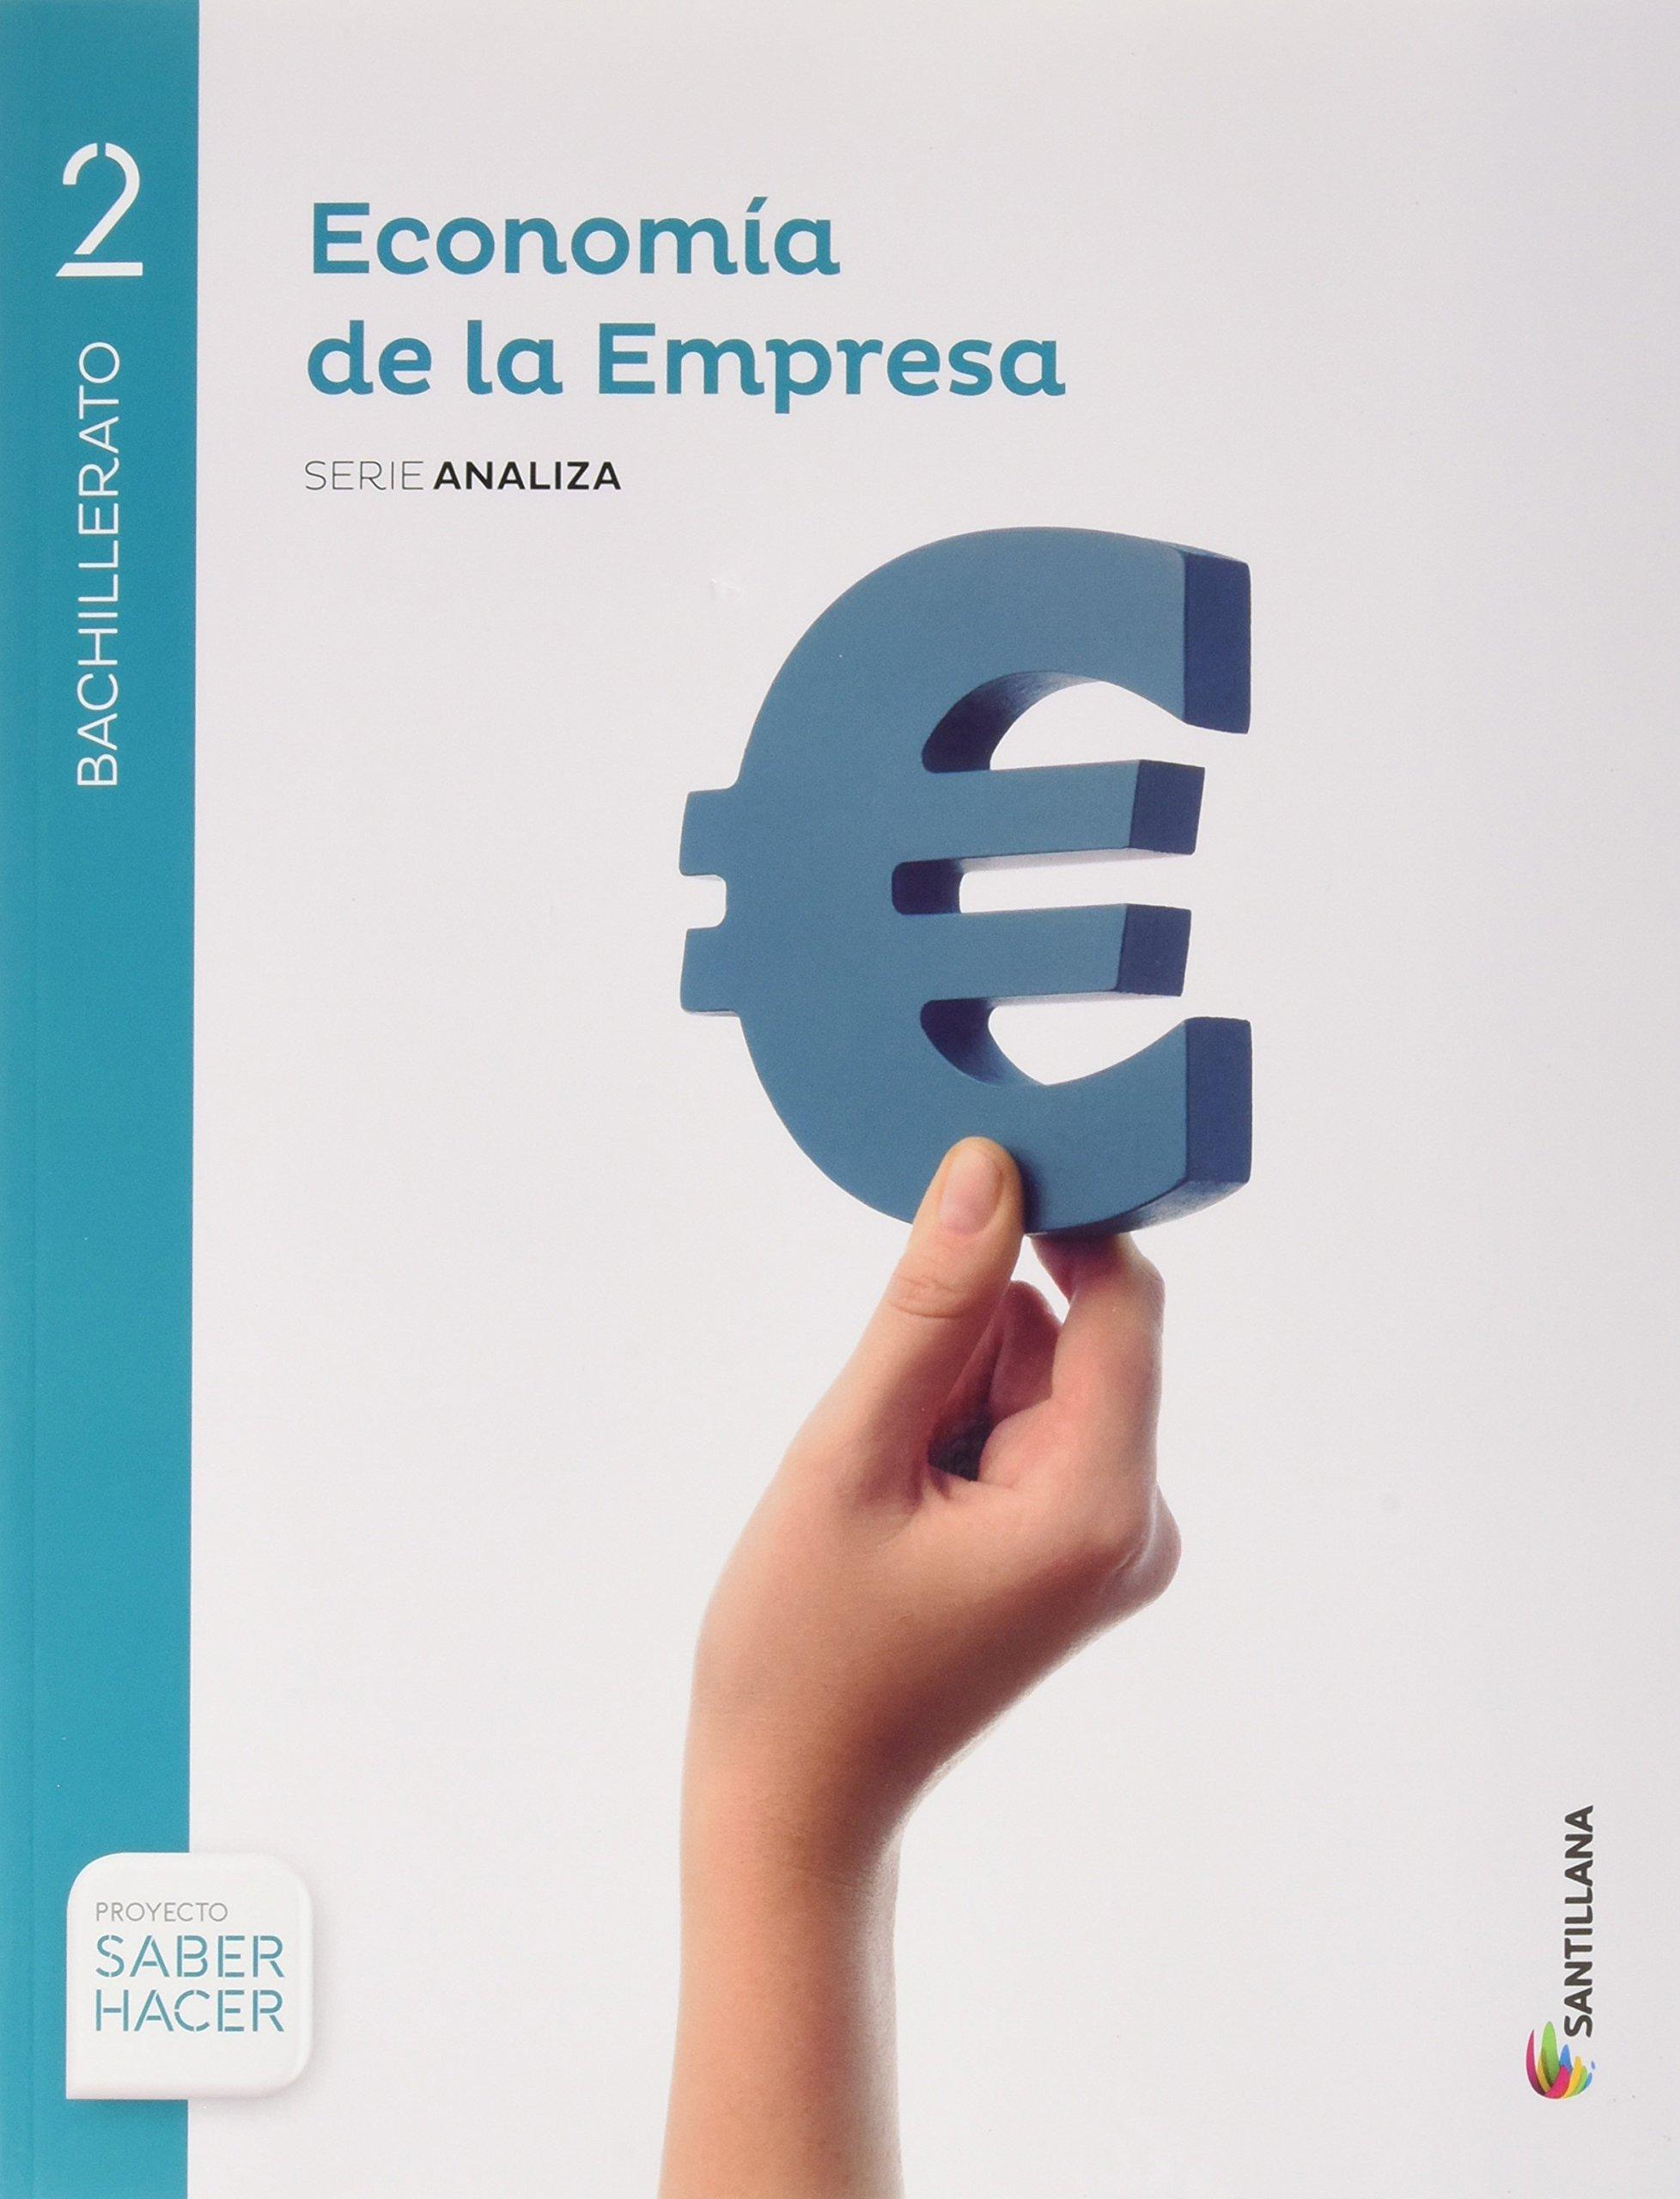 ECONOMÍA DE LA EMPRESA SERIE ANALIZA 2 BTO SABER HACER - 9788414101964: Amazon.es: Aa.Vv.: Libros